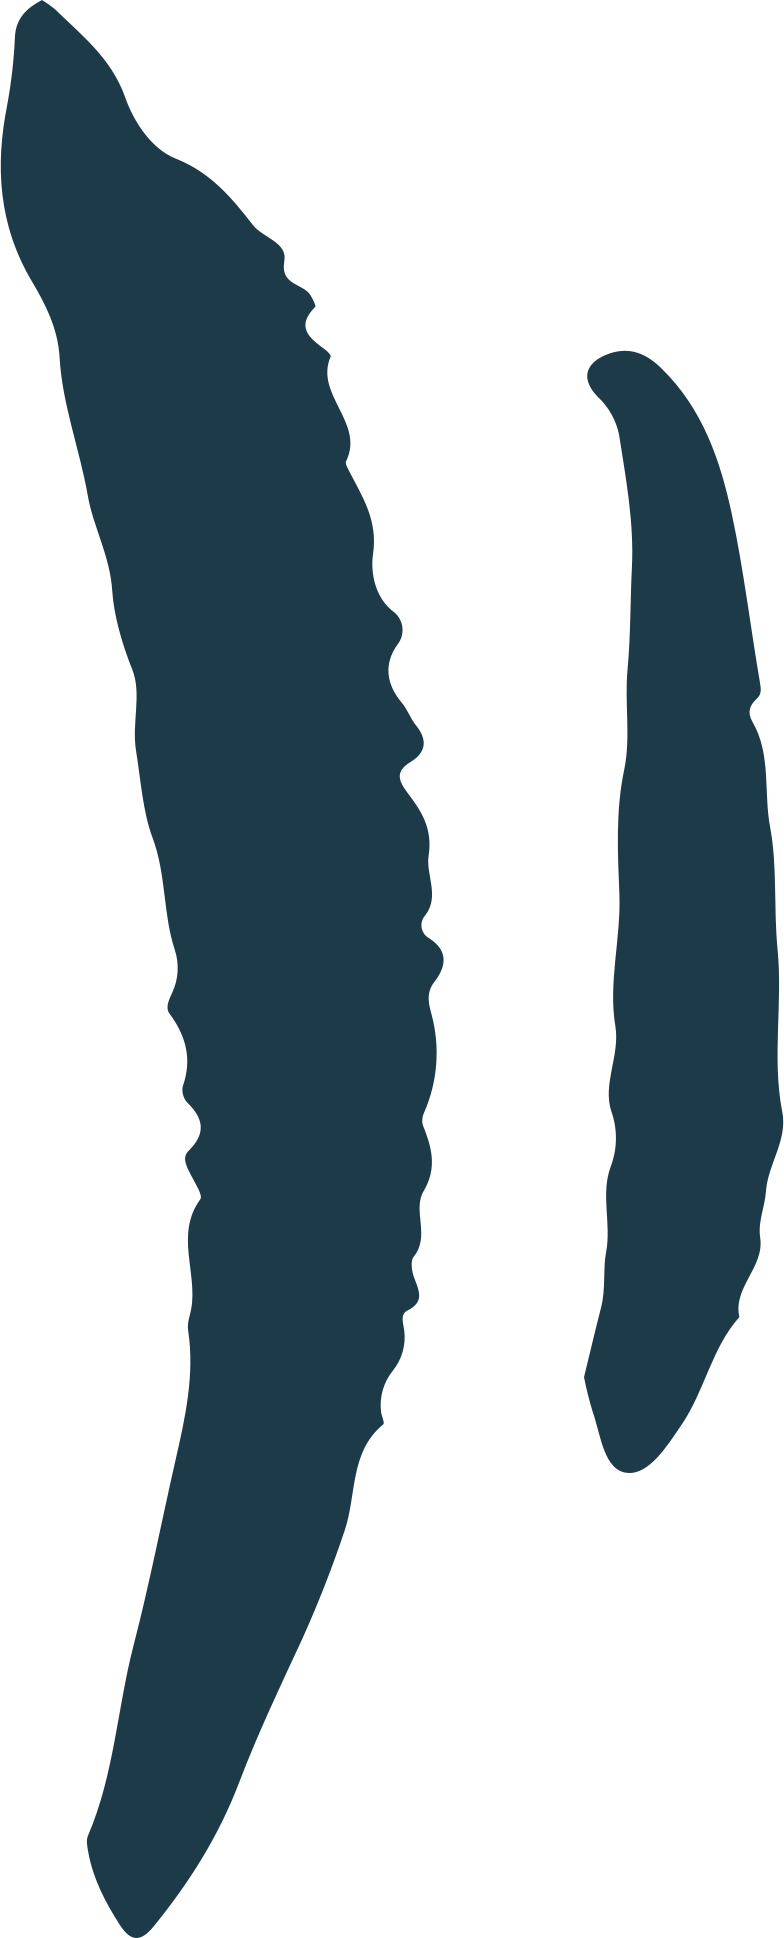 Immagine Vettoriale linee di movimento in PNG e SVG in stile  | Illustrazioni Icons8